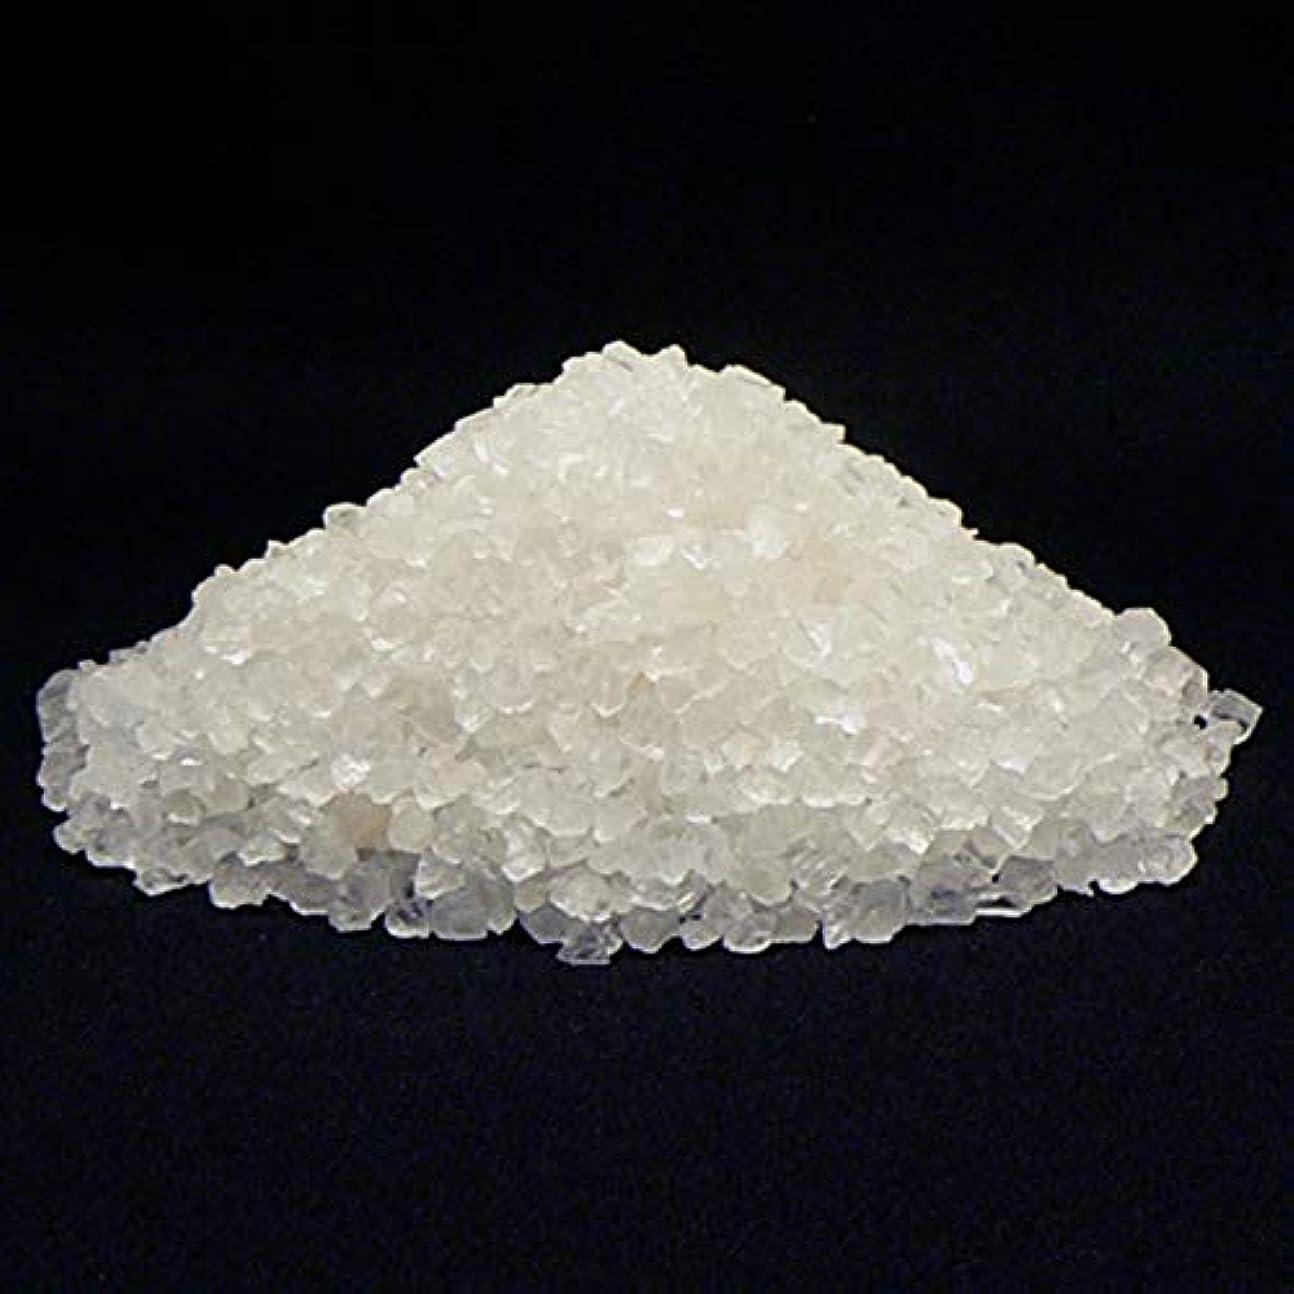 汗有名必需品ヒマラヤ岩塩 クリスタルソルト 入浴用 バスソルト(小粒)クリスタル岩塩 白岩塩 (2kg+300g増量)